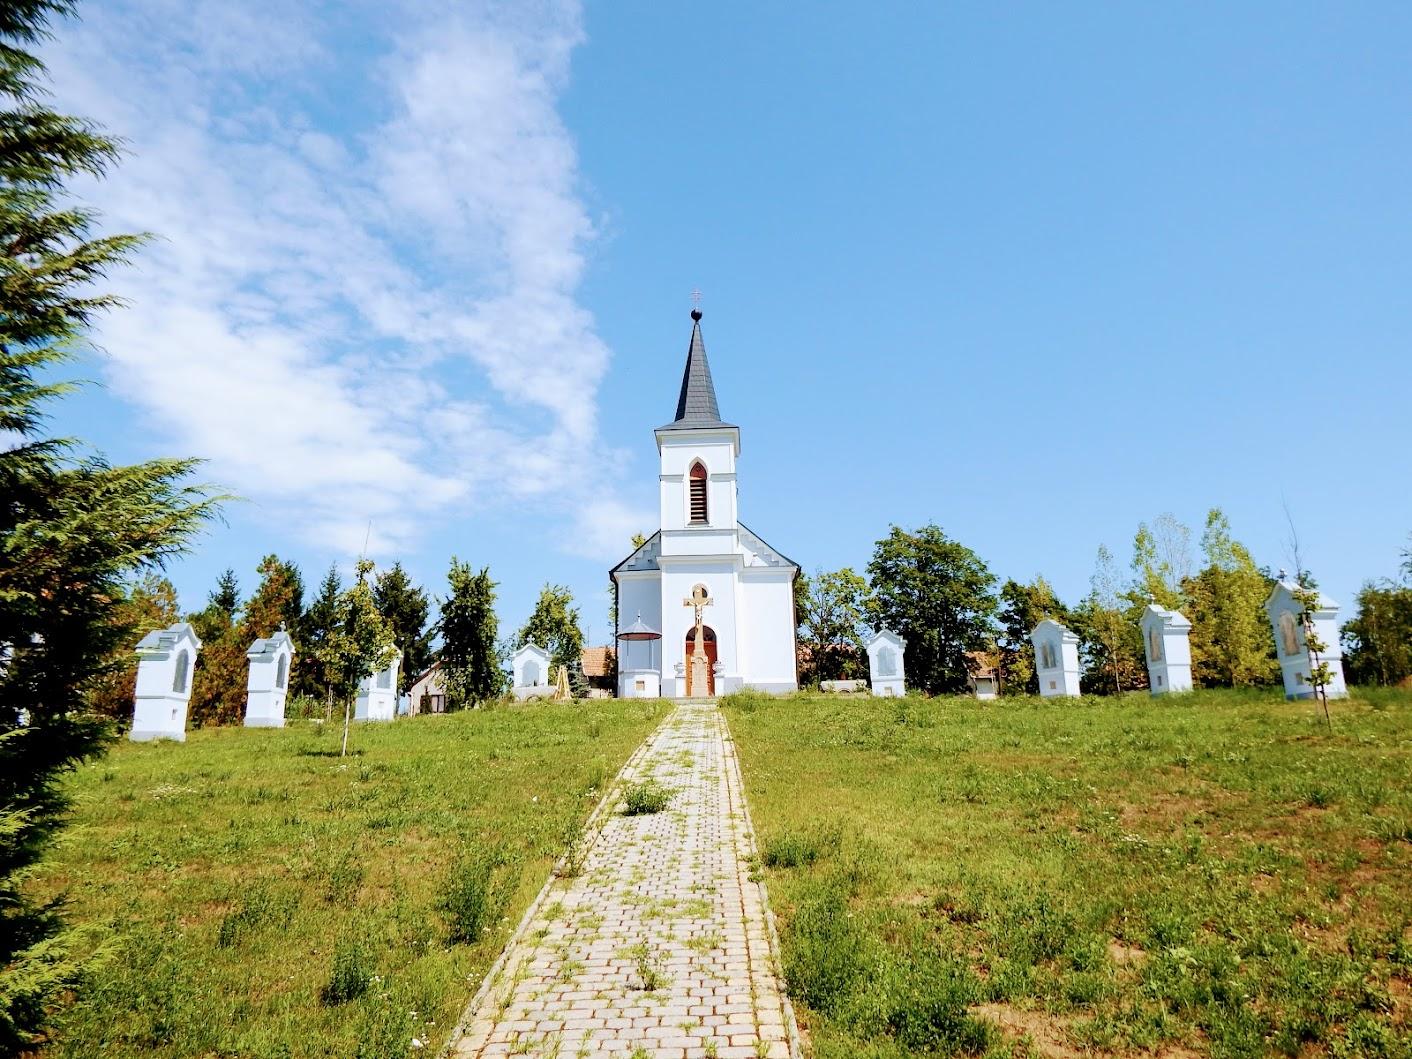 Érsekvadkert - Szent Kereszt felmagasztalása kálváriakápolna és 14 stációs keresztút